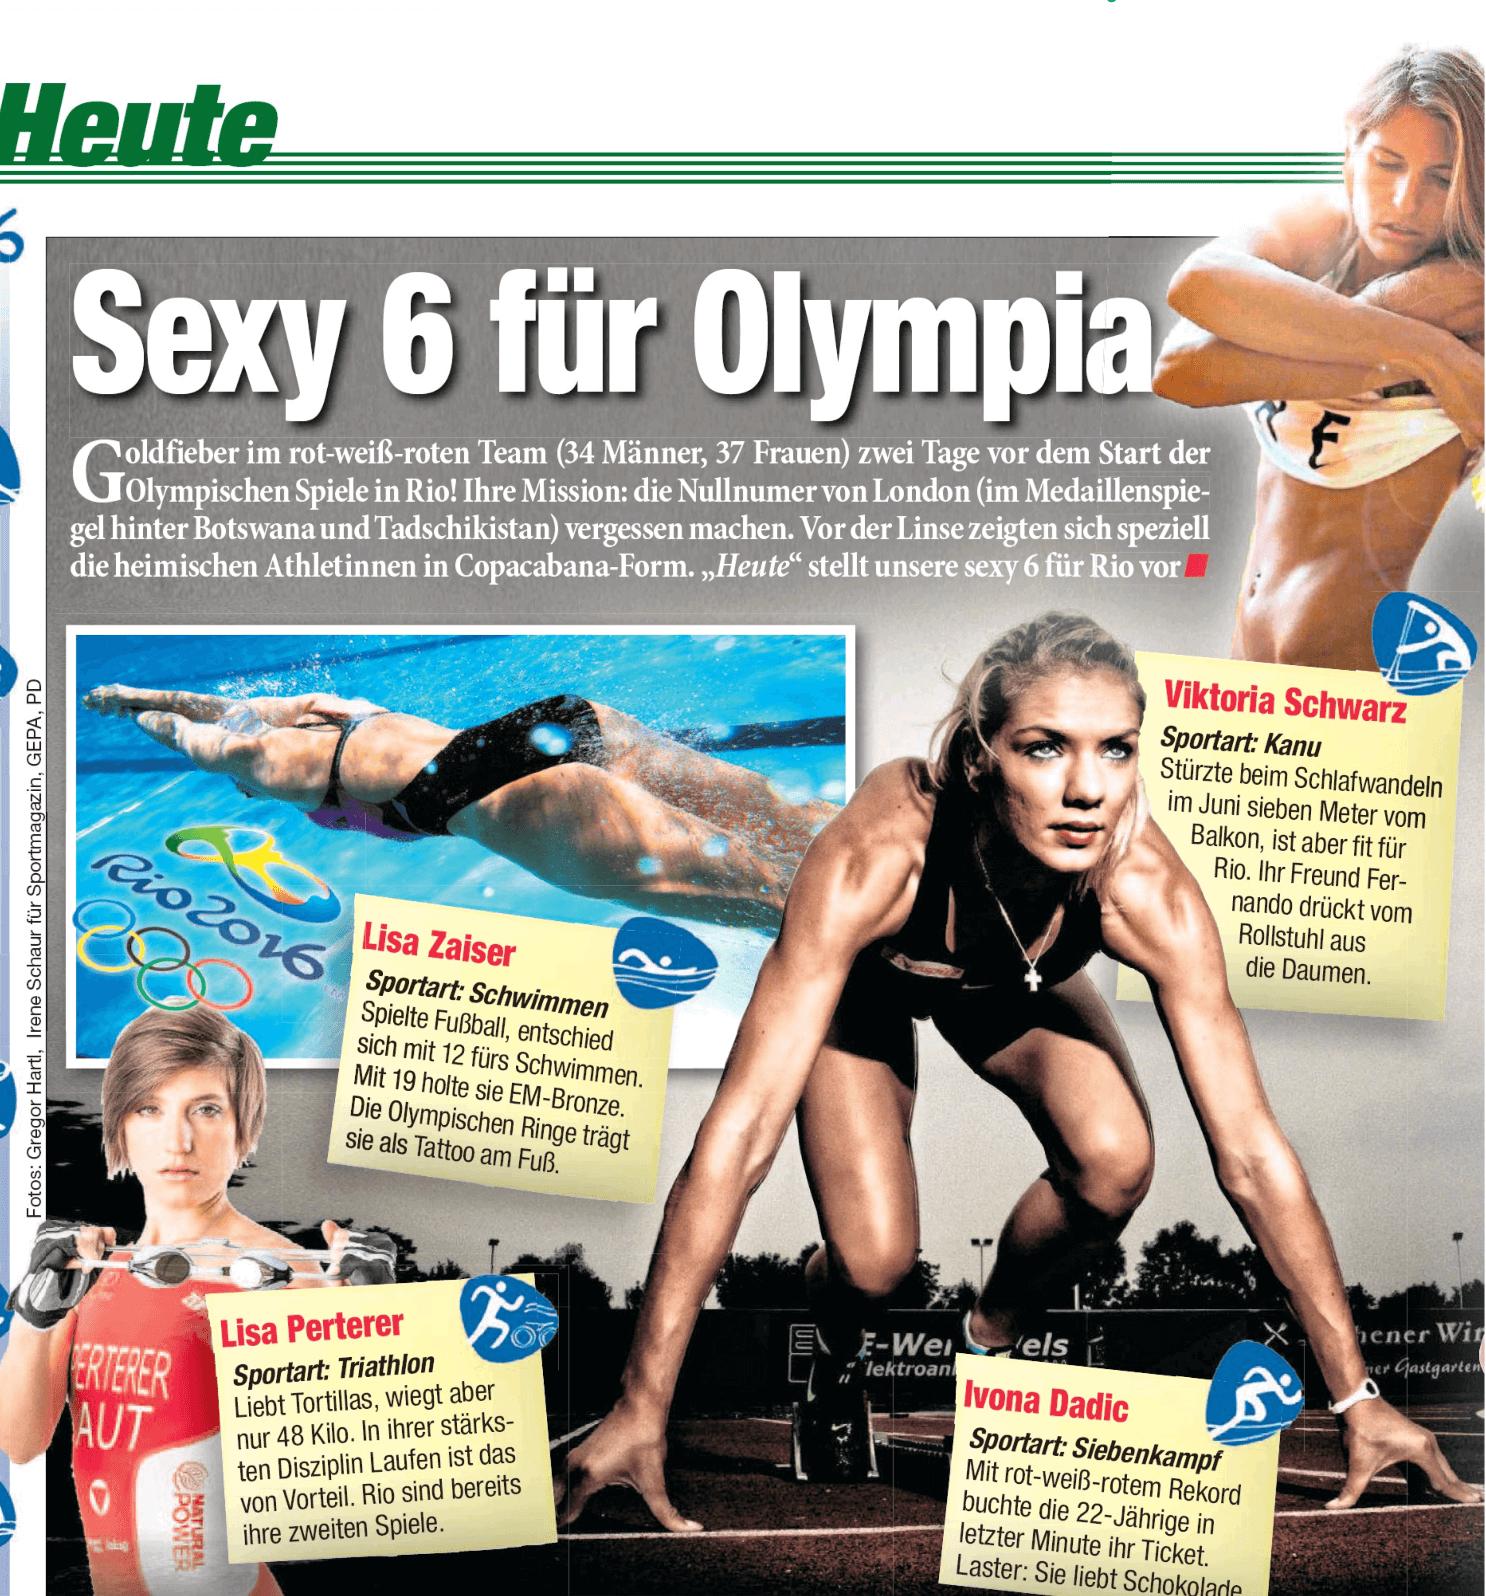 Sexy 6 für Olympia